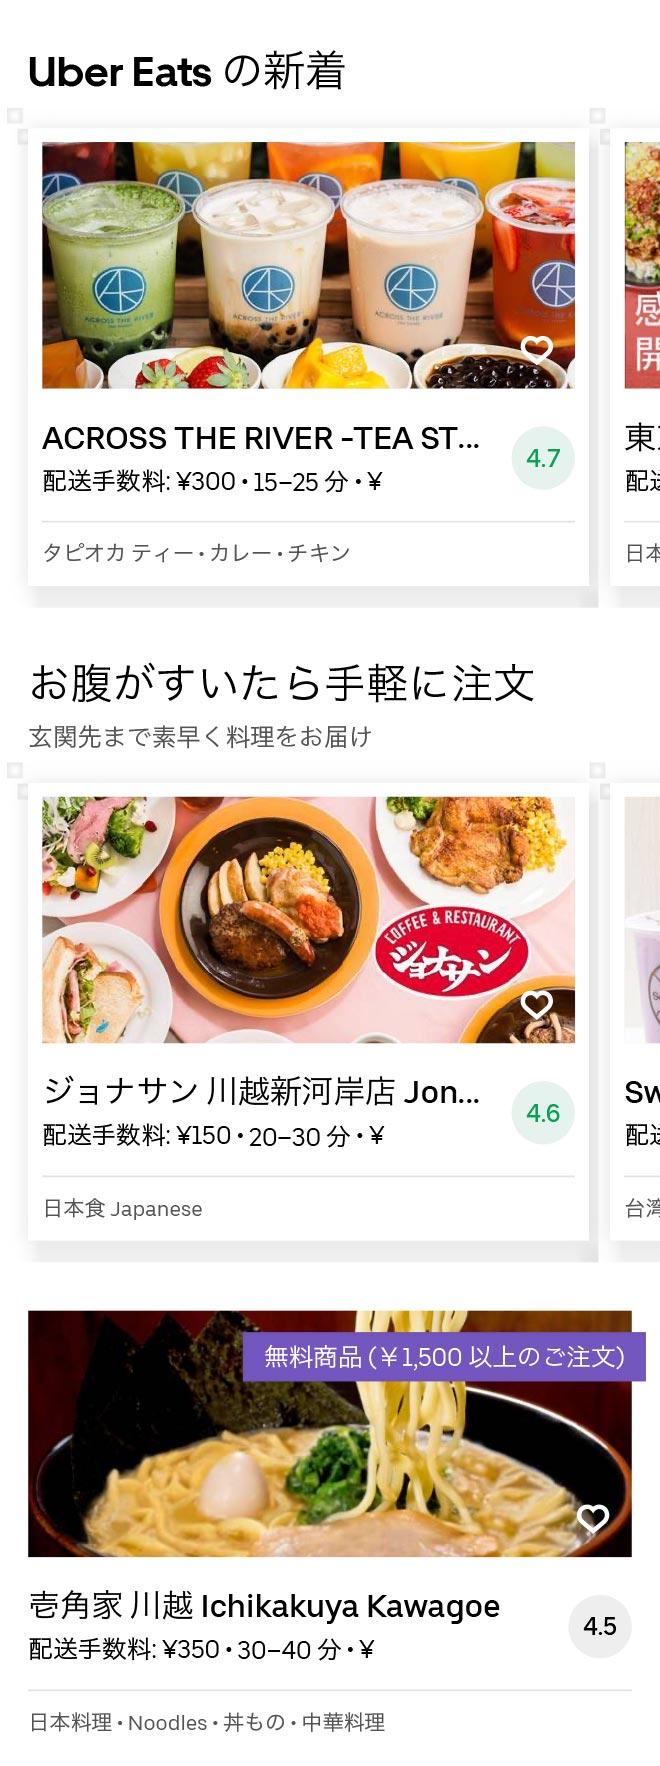 Shingashi menu 2008 04